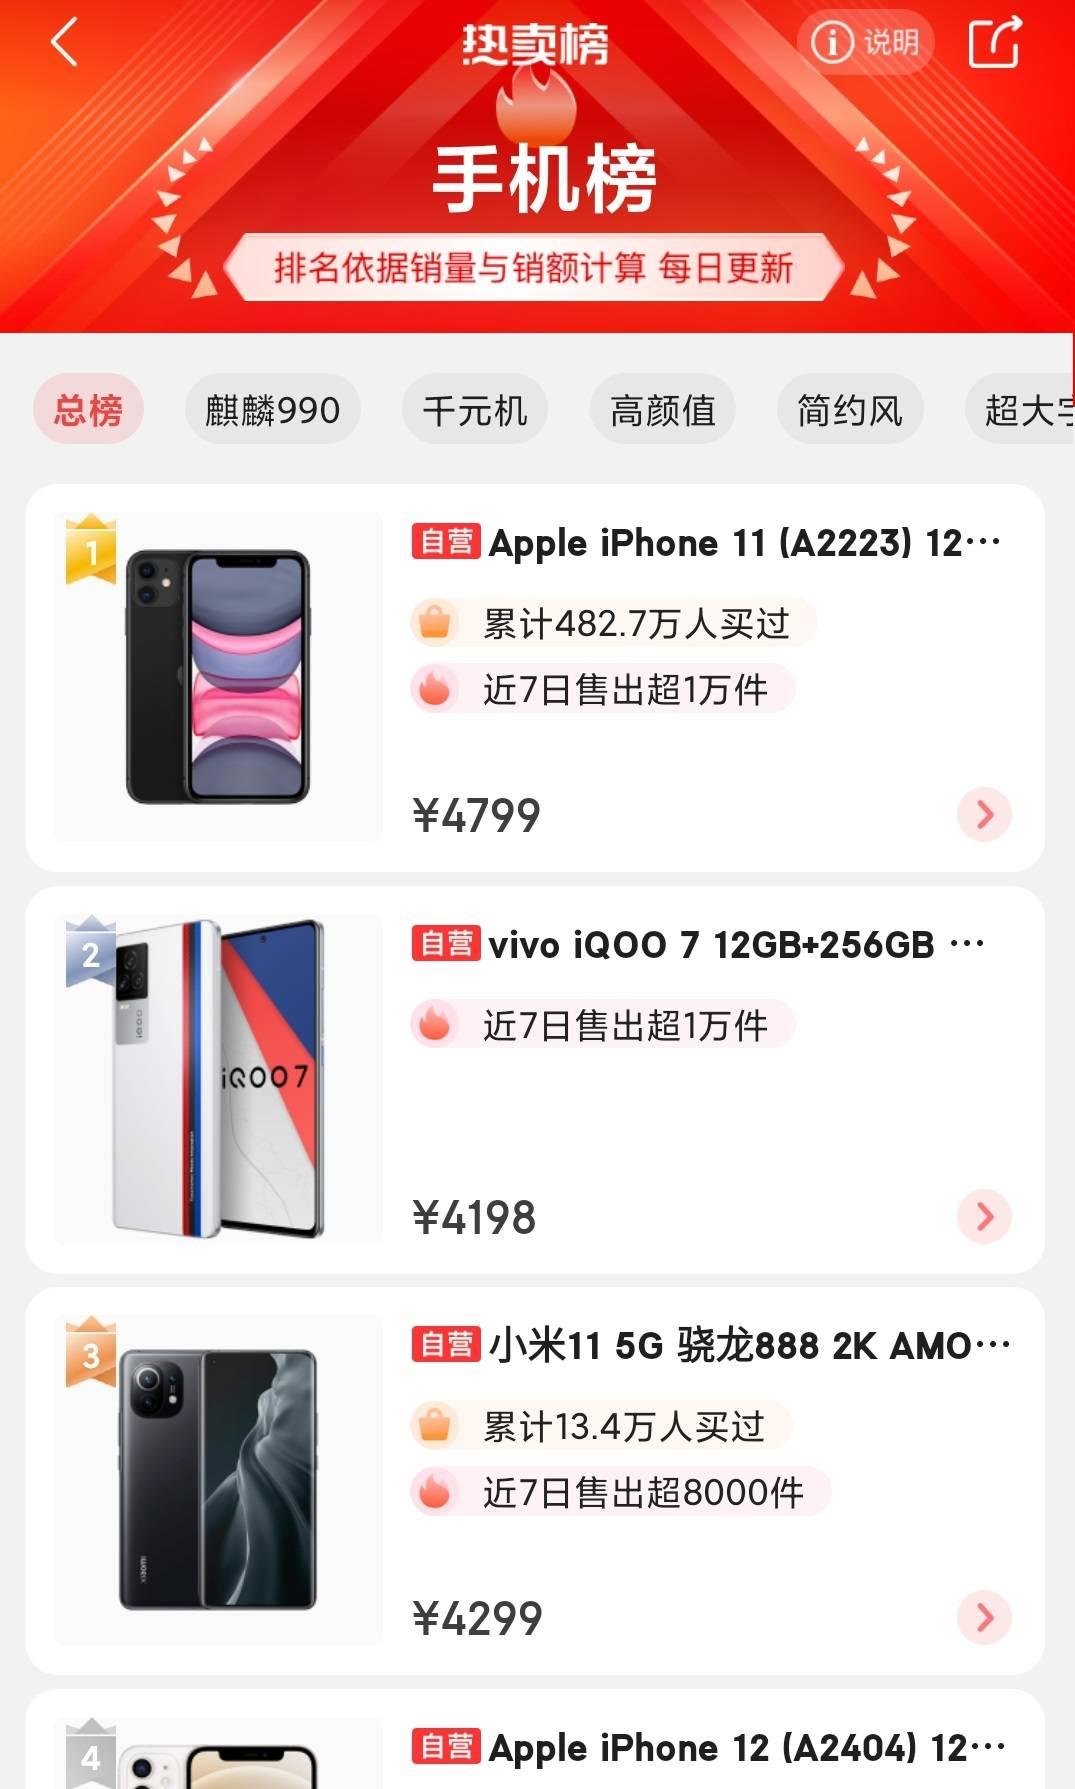 原创京东最新手机热榜,小米11只排第三,iQOO7第二,第一不可动摇